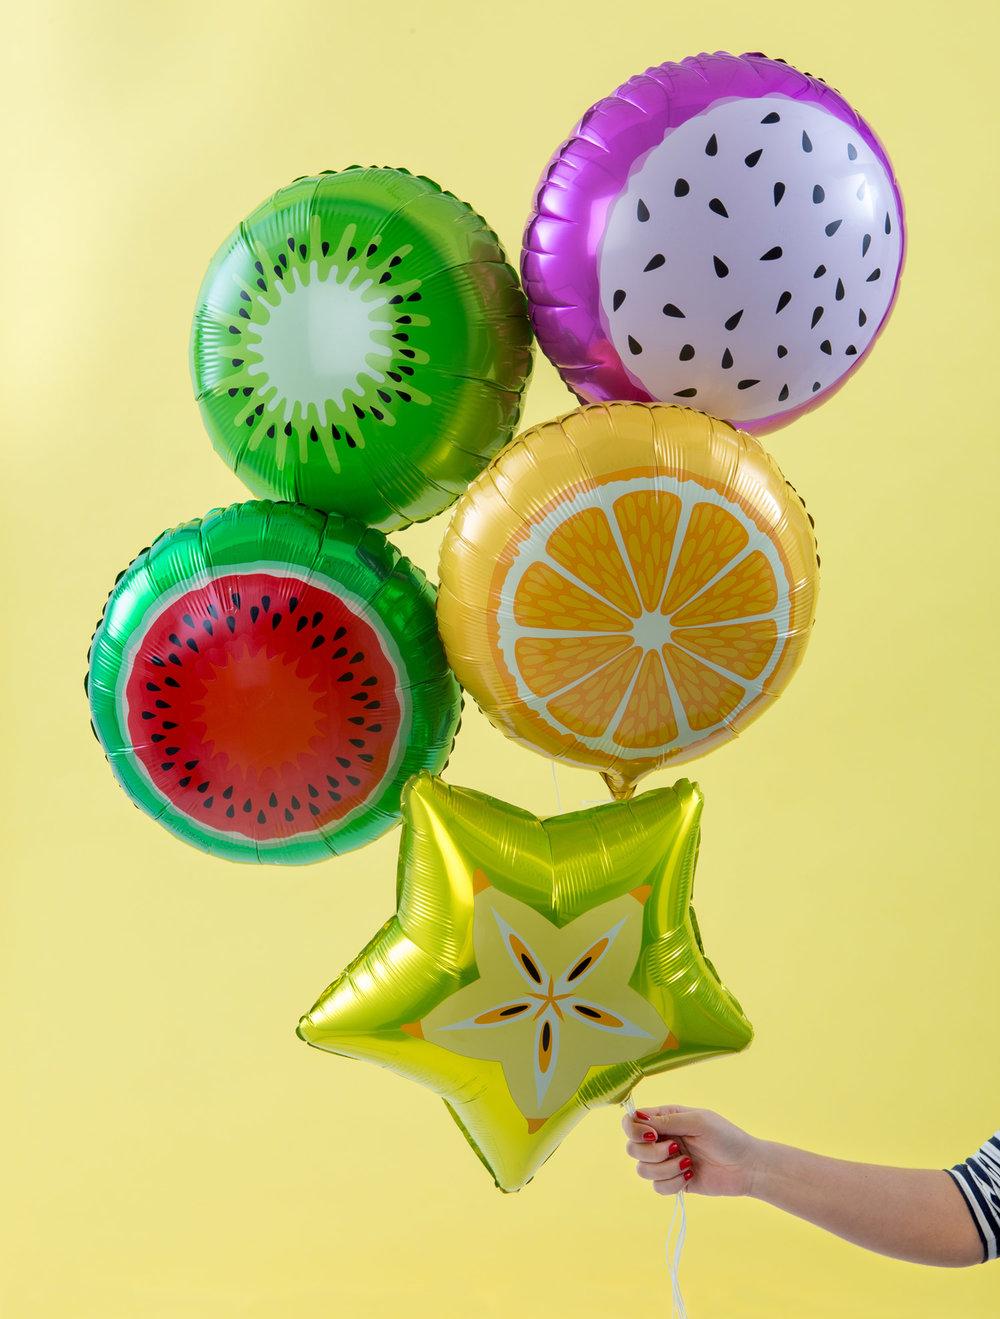 Vitaminkicka partyt med våra fruktballonger